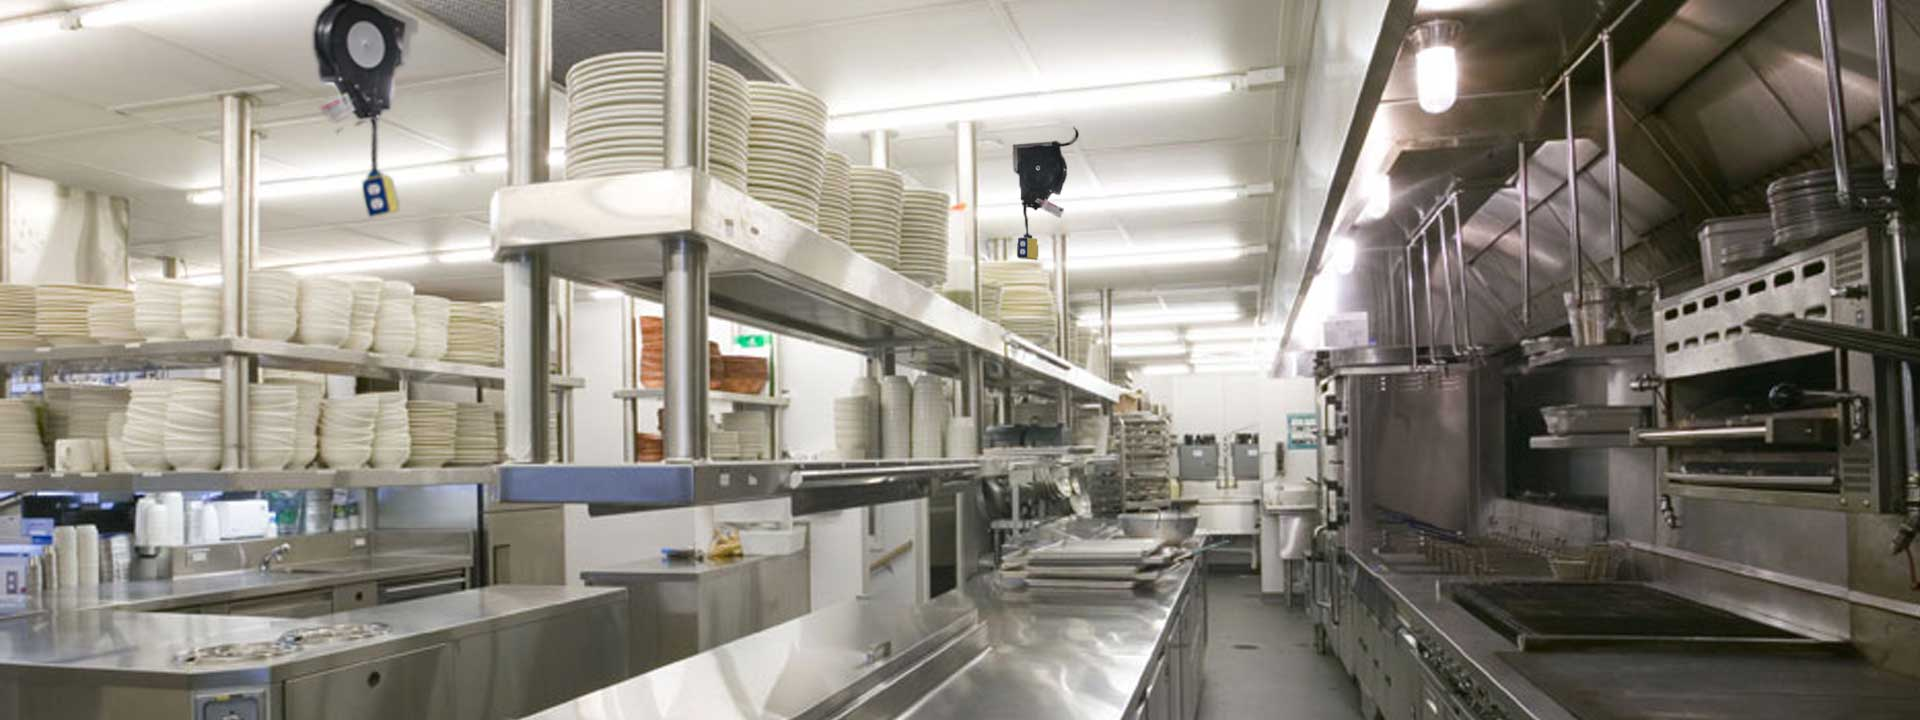 Kitchen-leash-commercial-kitchen-power - copy